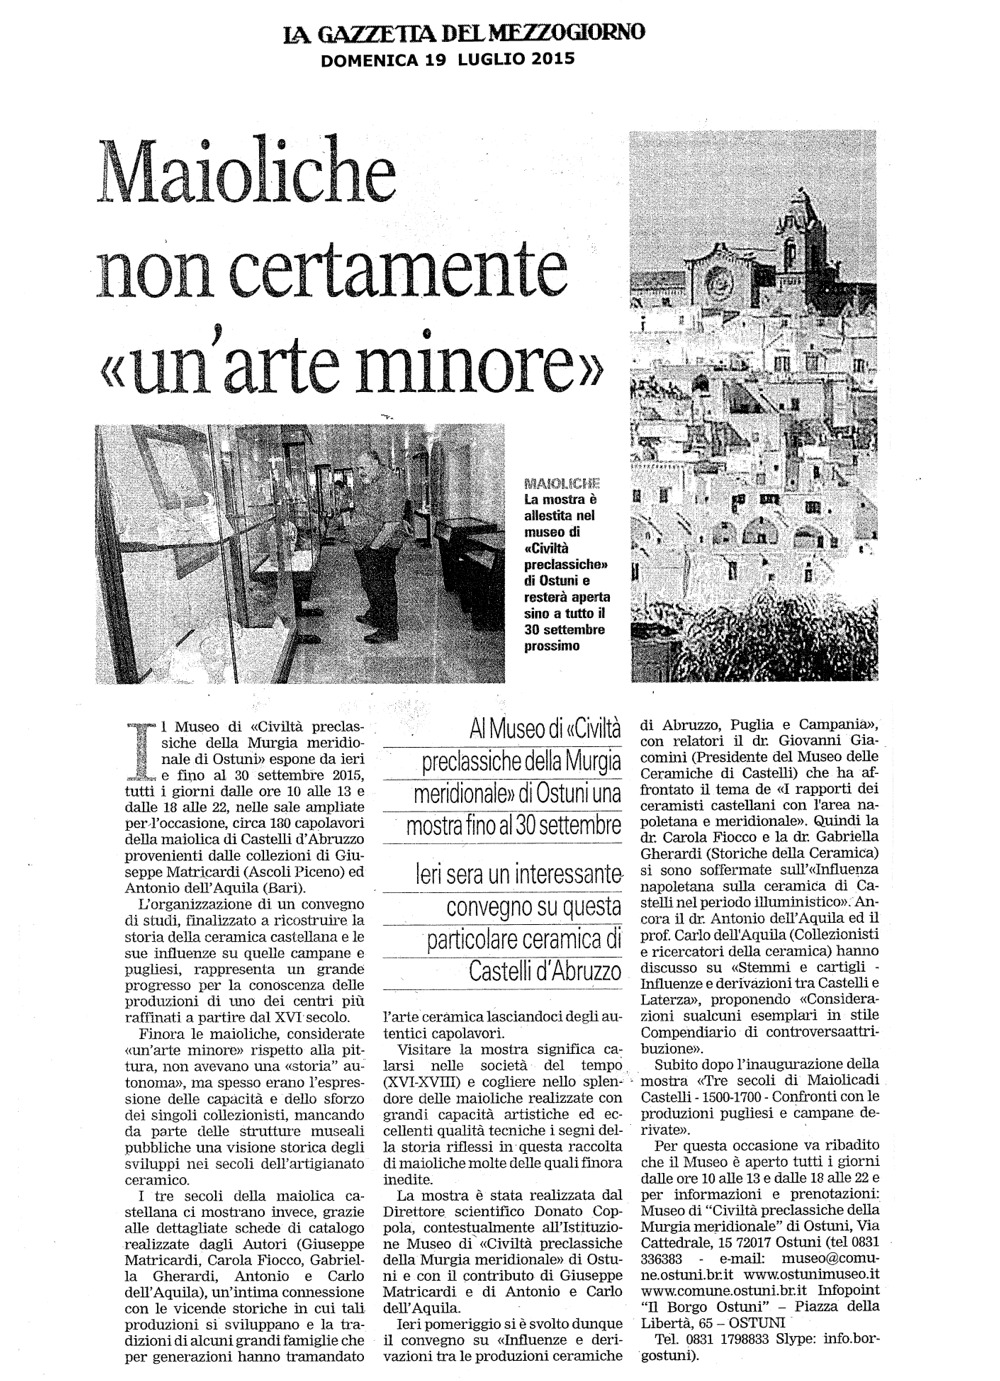 """Maioliche non certamente """"un'arte minore"""" (La Gazzetta del Mezzogiorno)"""